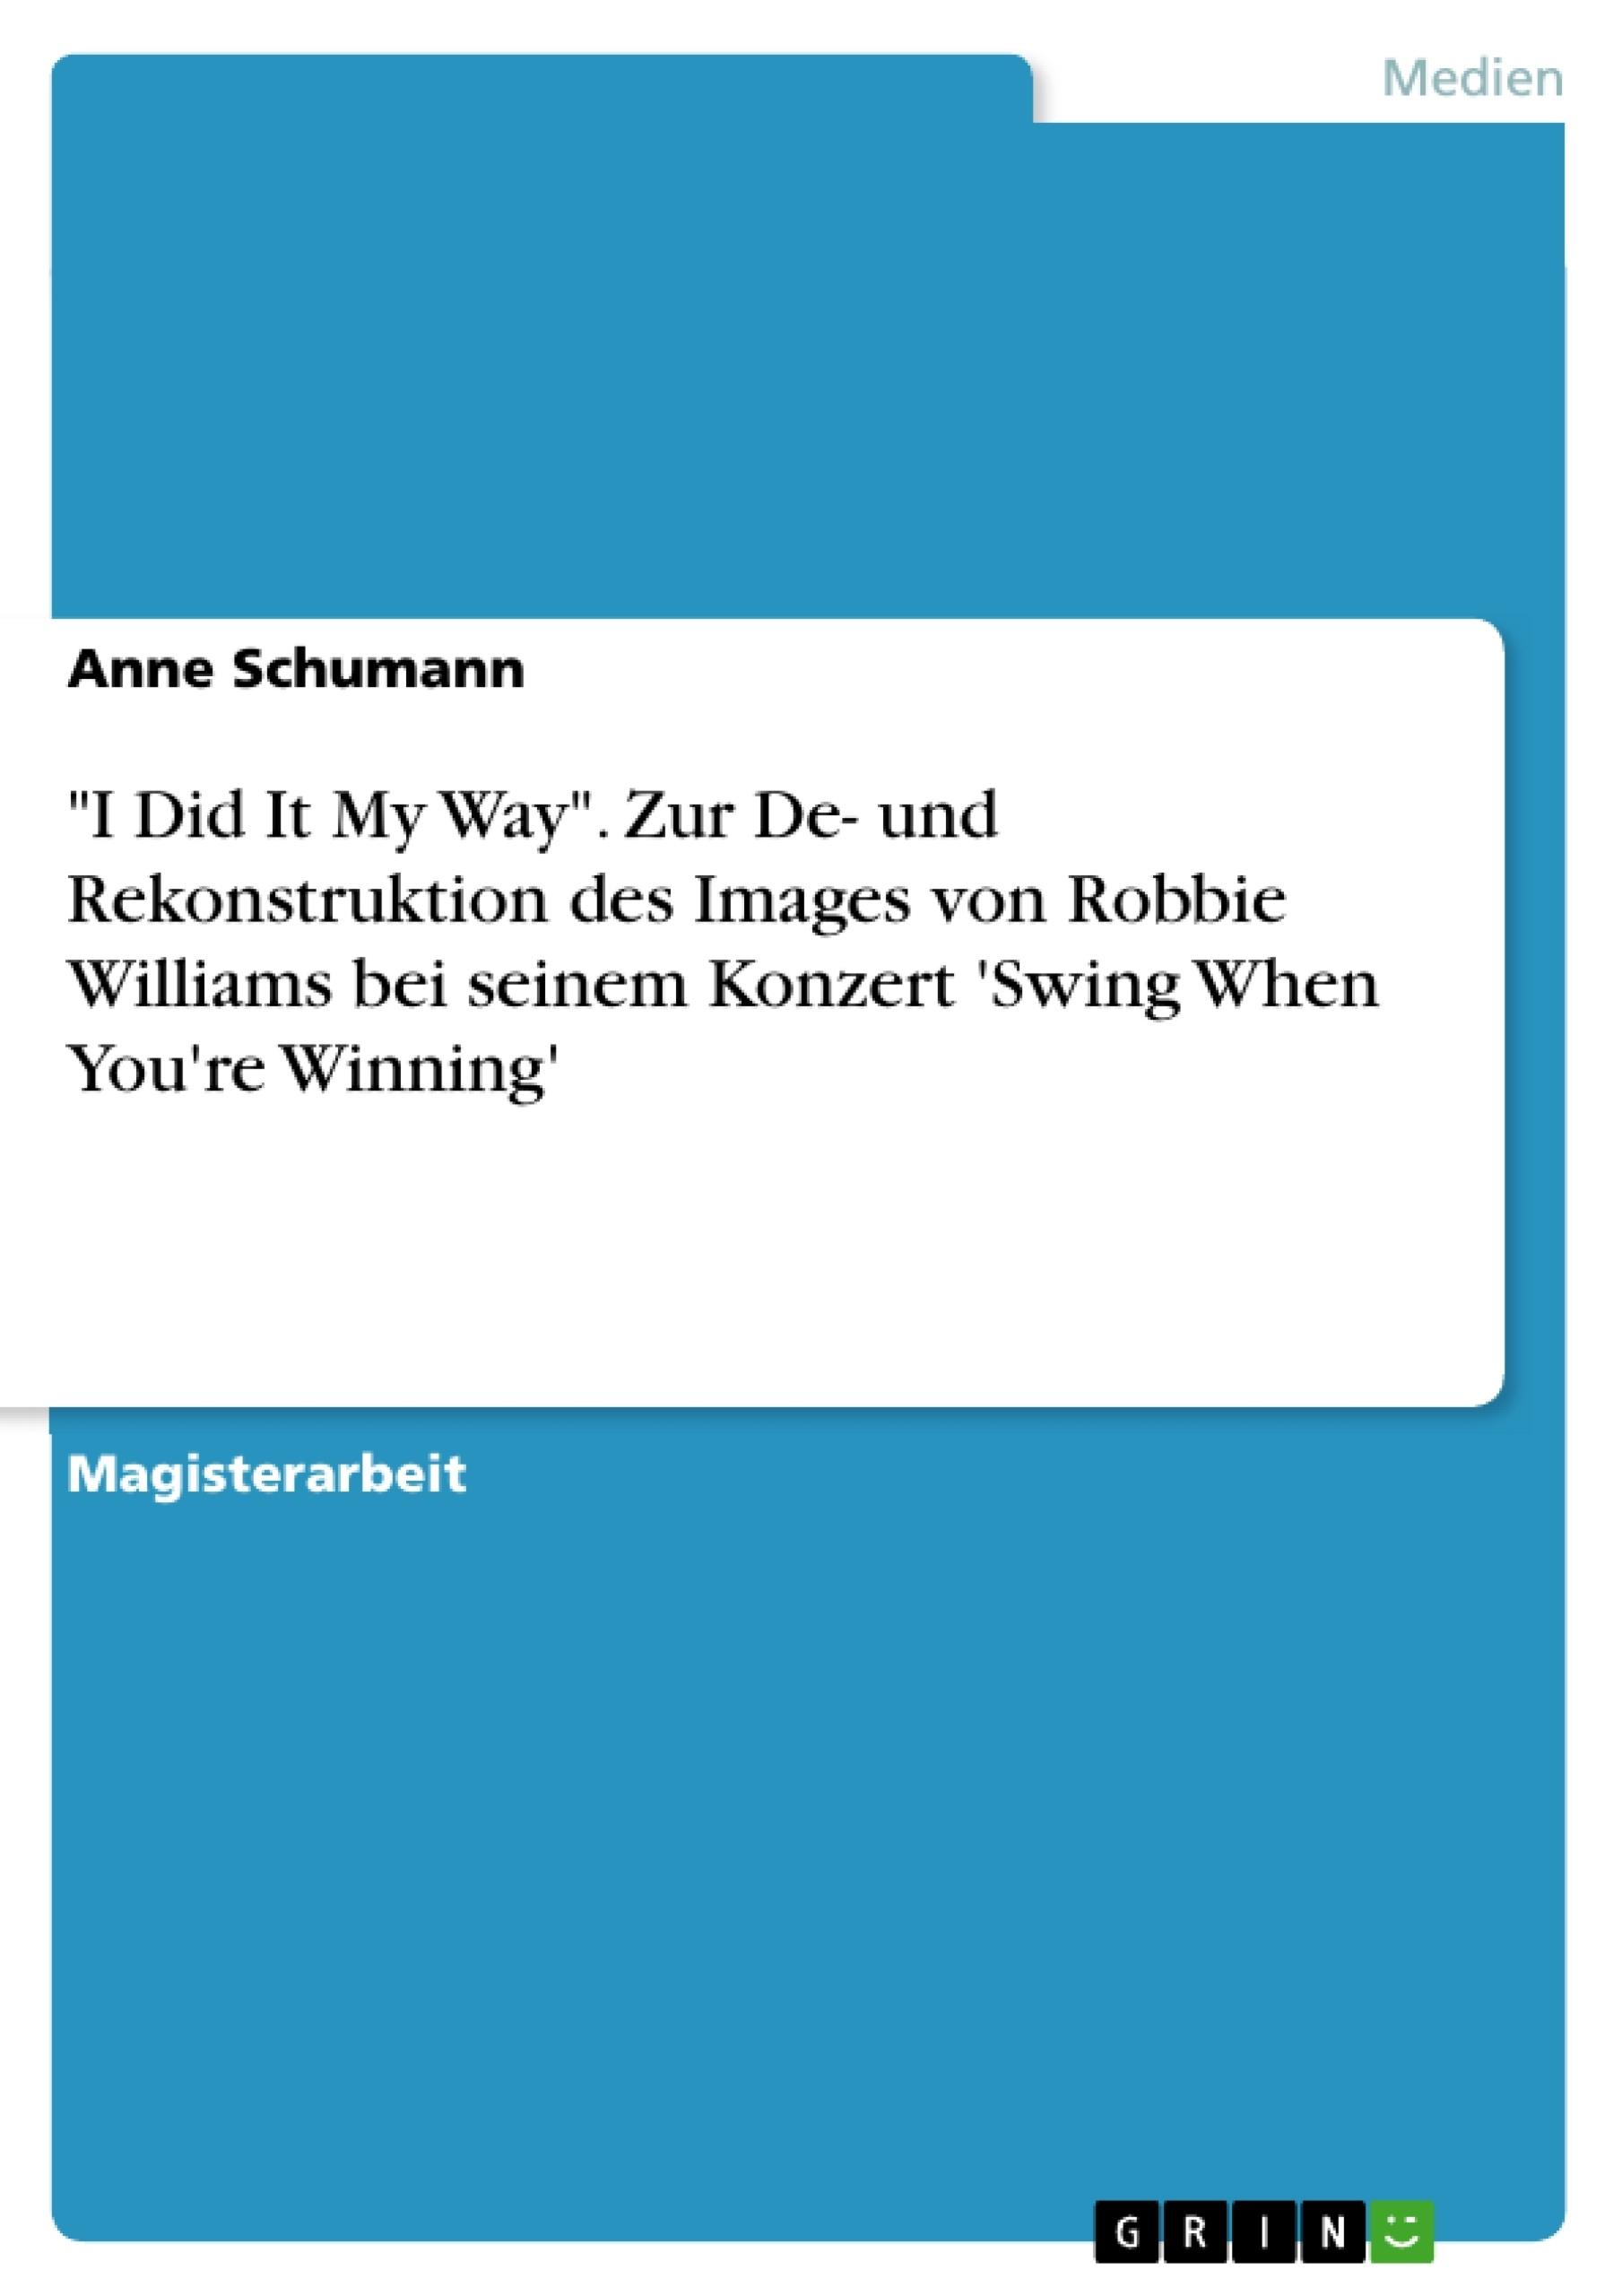 """Titel: """"I Did It My Way"""". Zur De- und Rekonstruktion des Images von Robbie Williams bei seinem Konzert 'Swing When You're Winning'"""